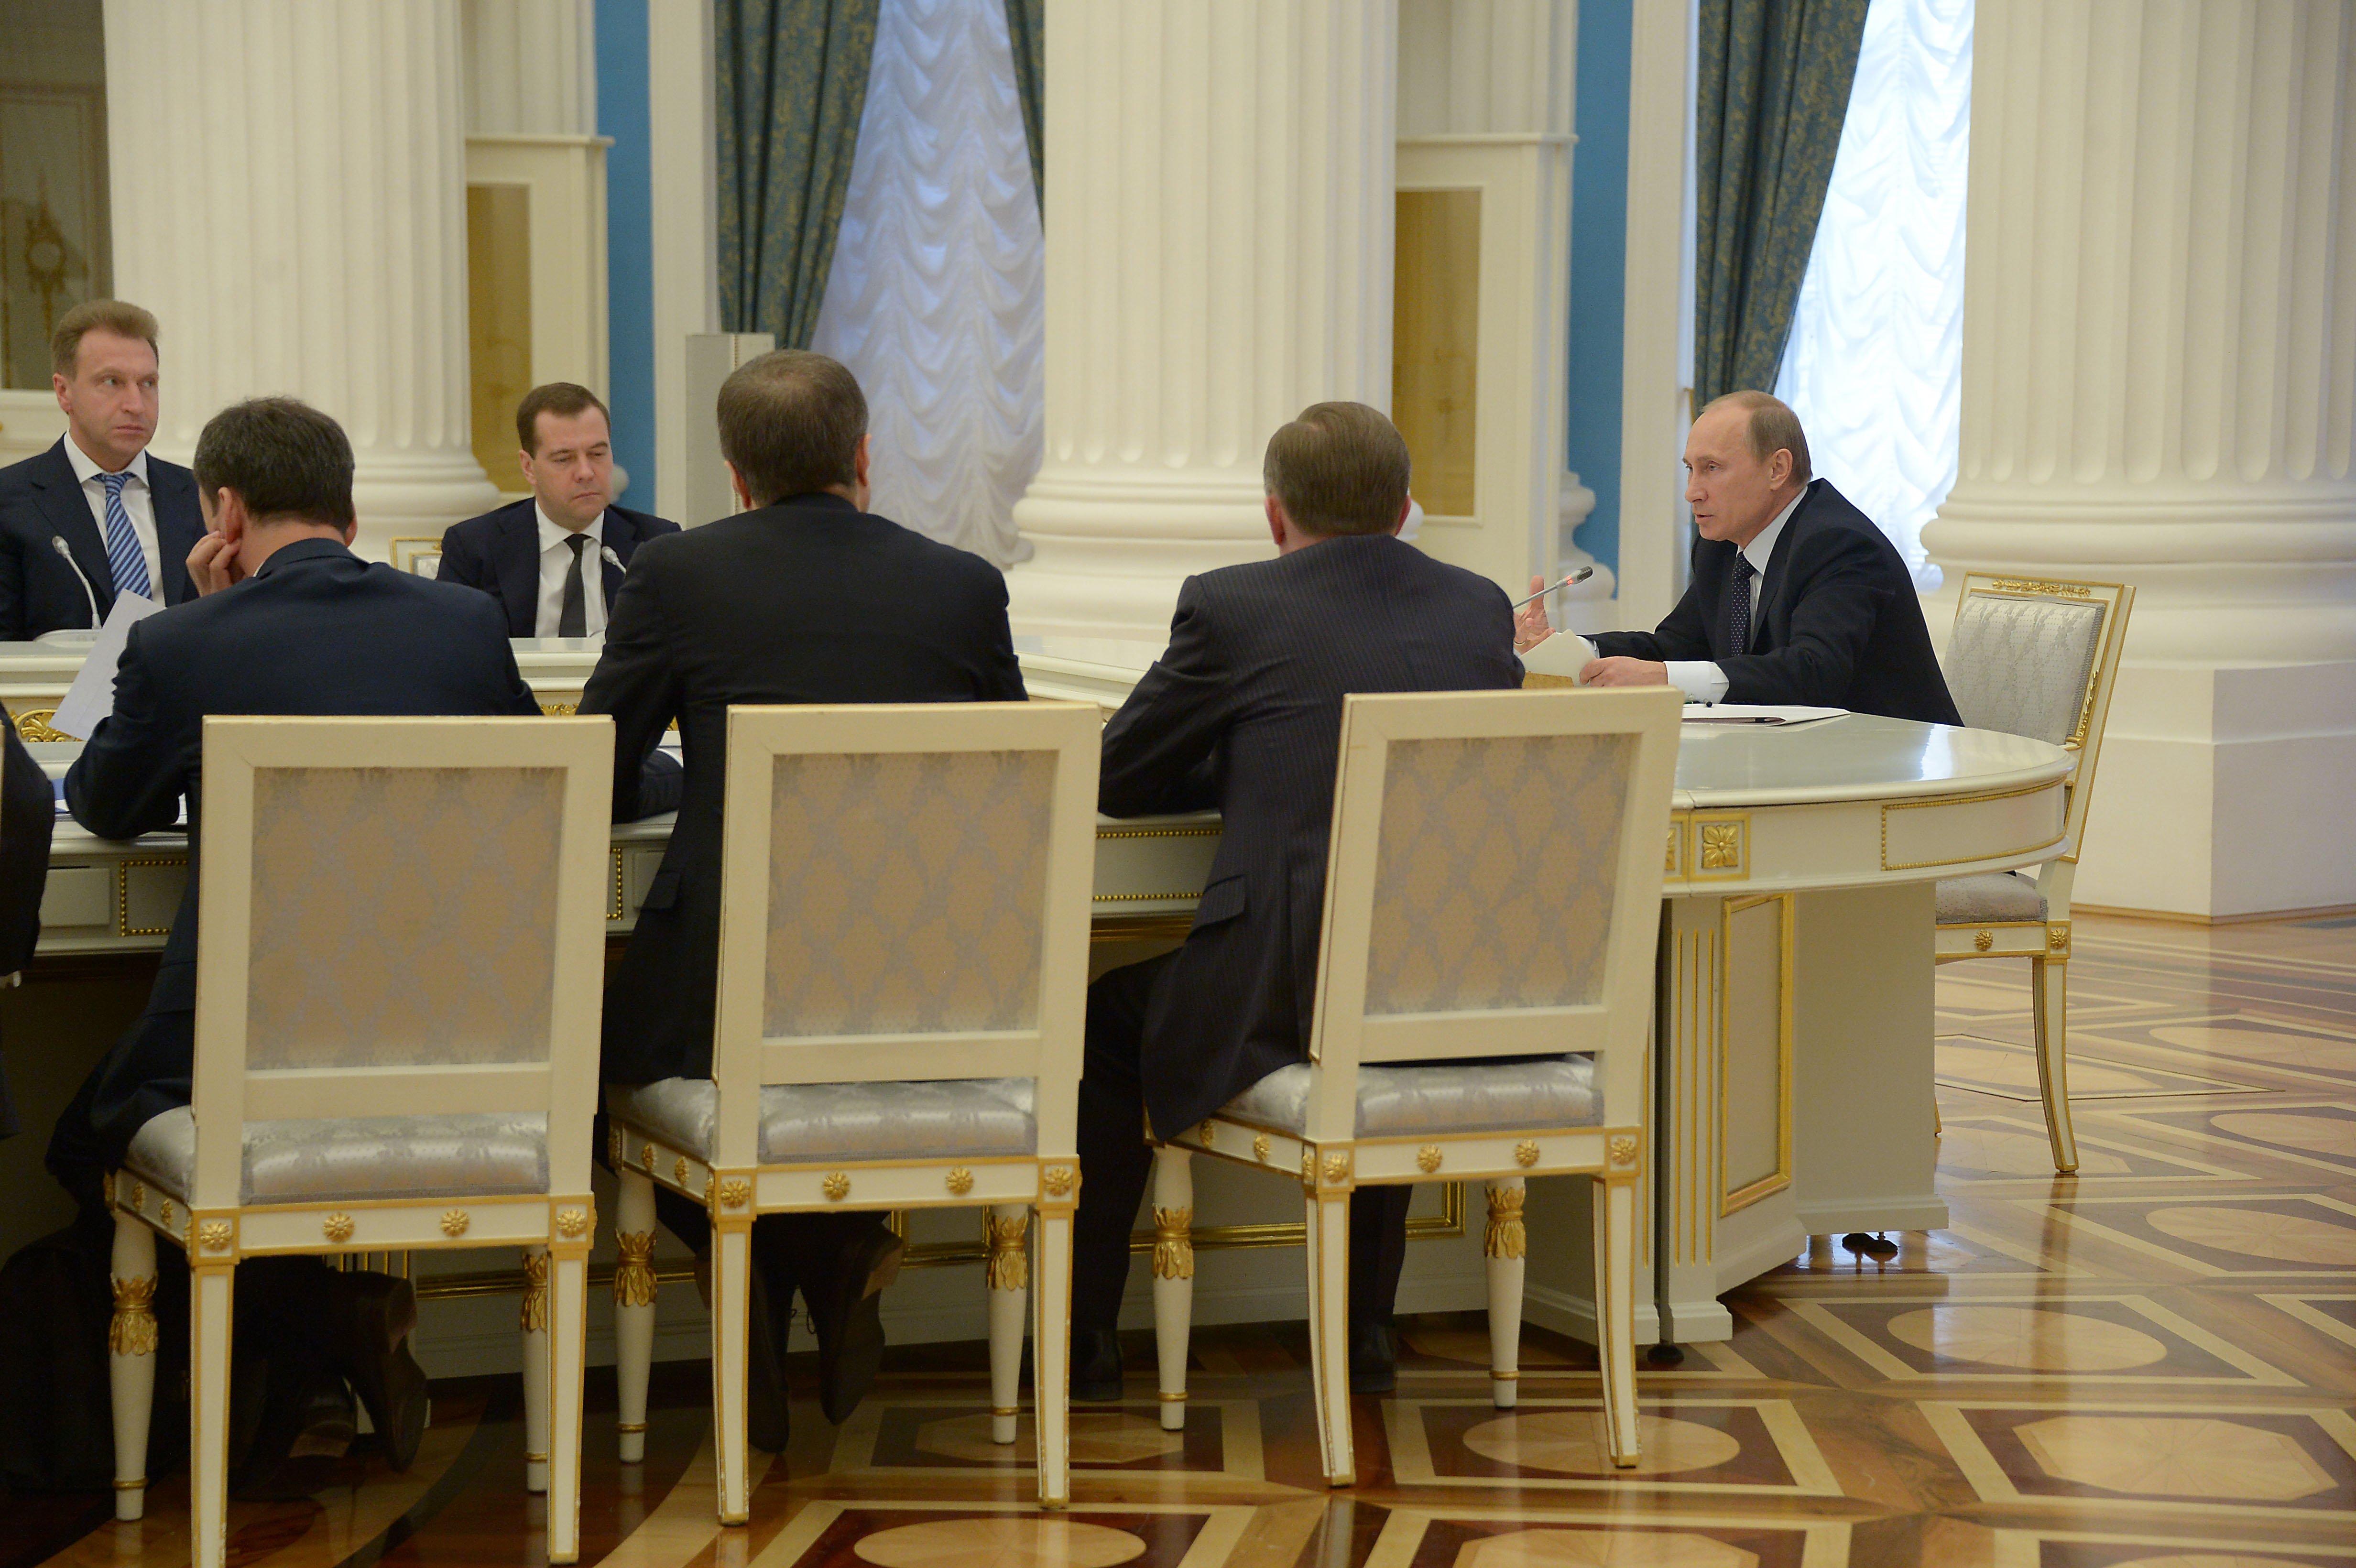 Путин кабмину: «Мы сами себя обманываем, в блуд вводим»